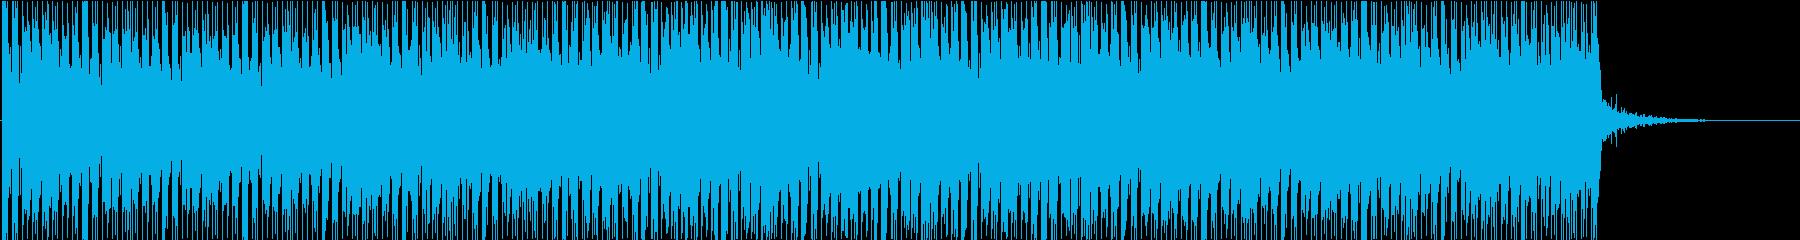 ニュース的なBGMの再生済みの波形